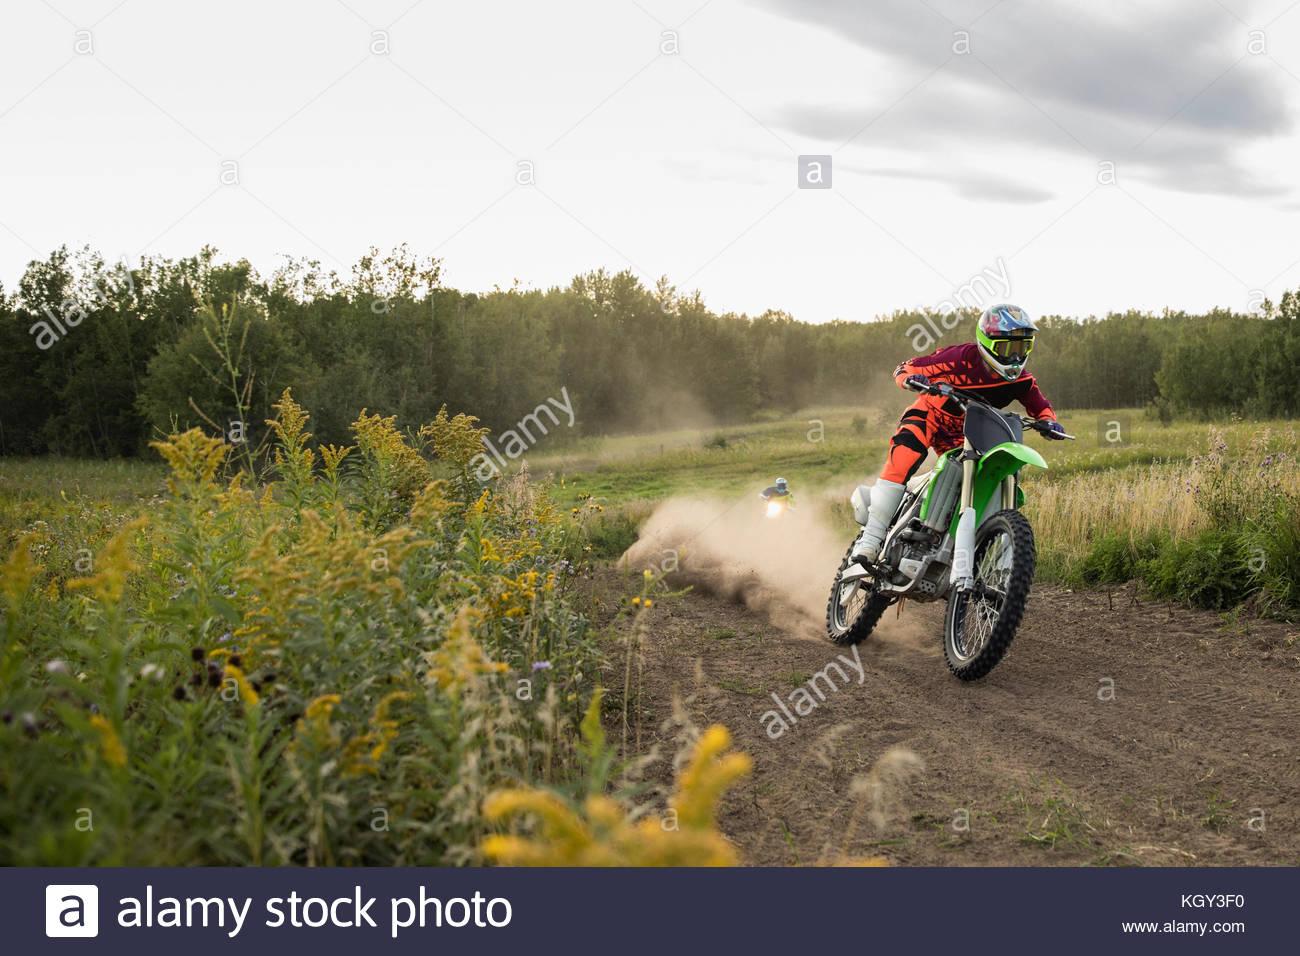 Man racing motorbike on rural dirt road - Stock Image